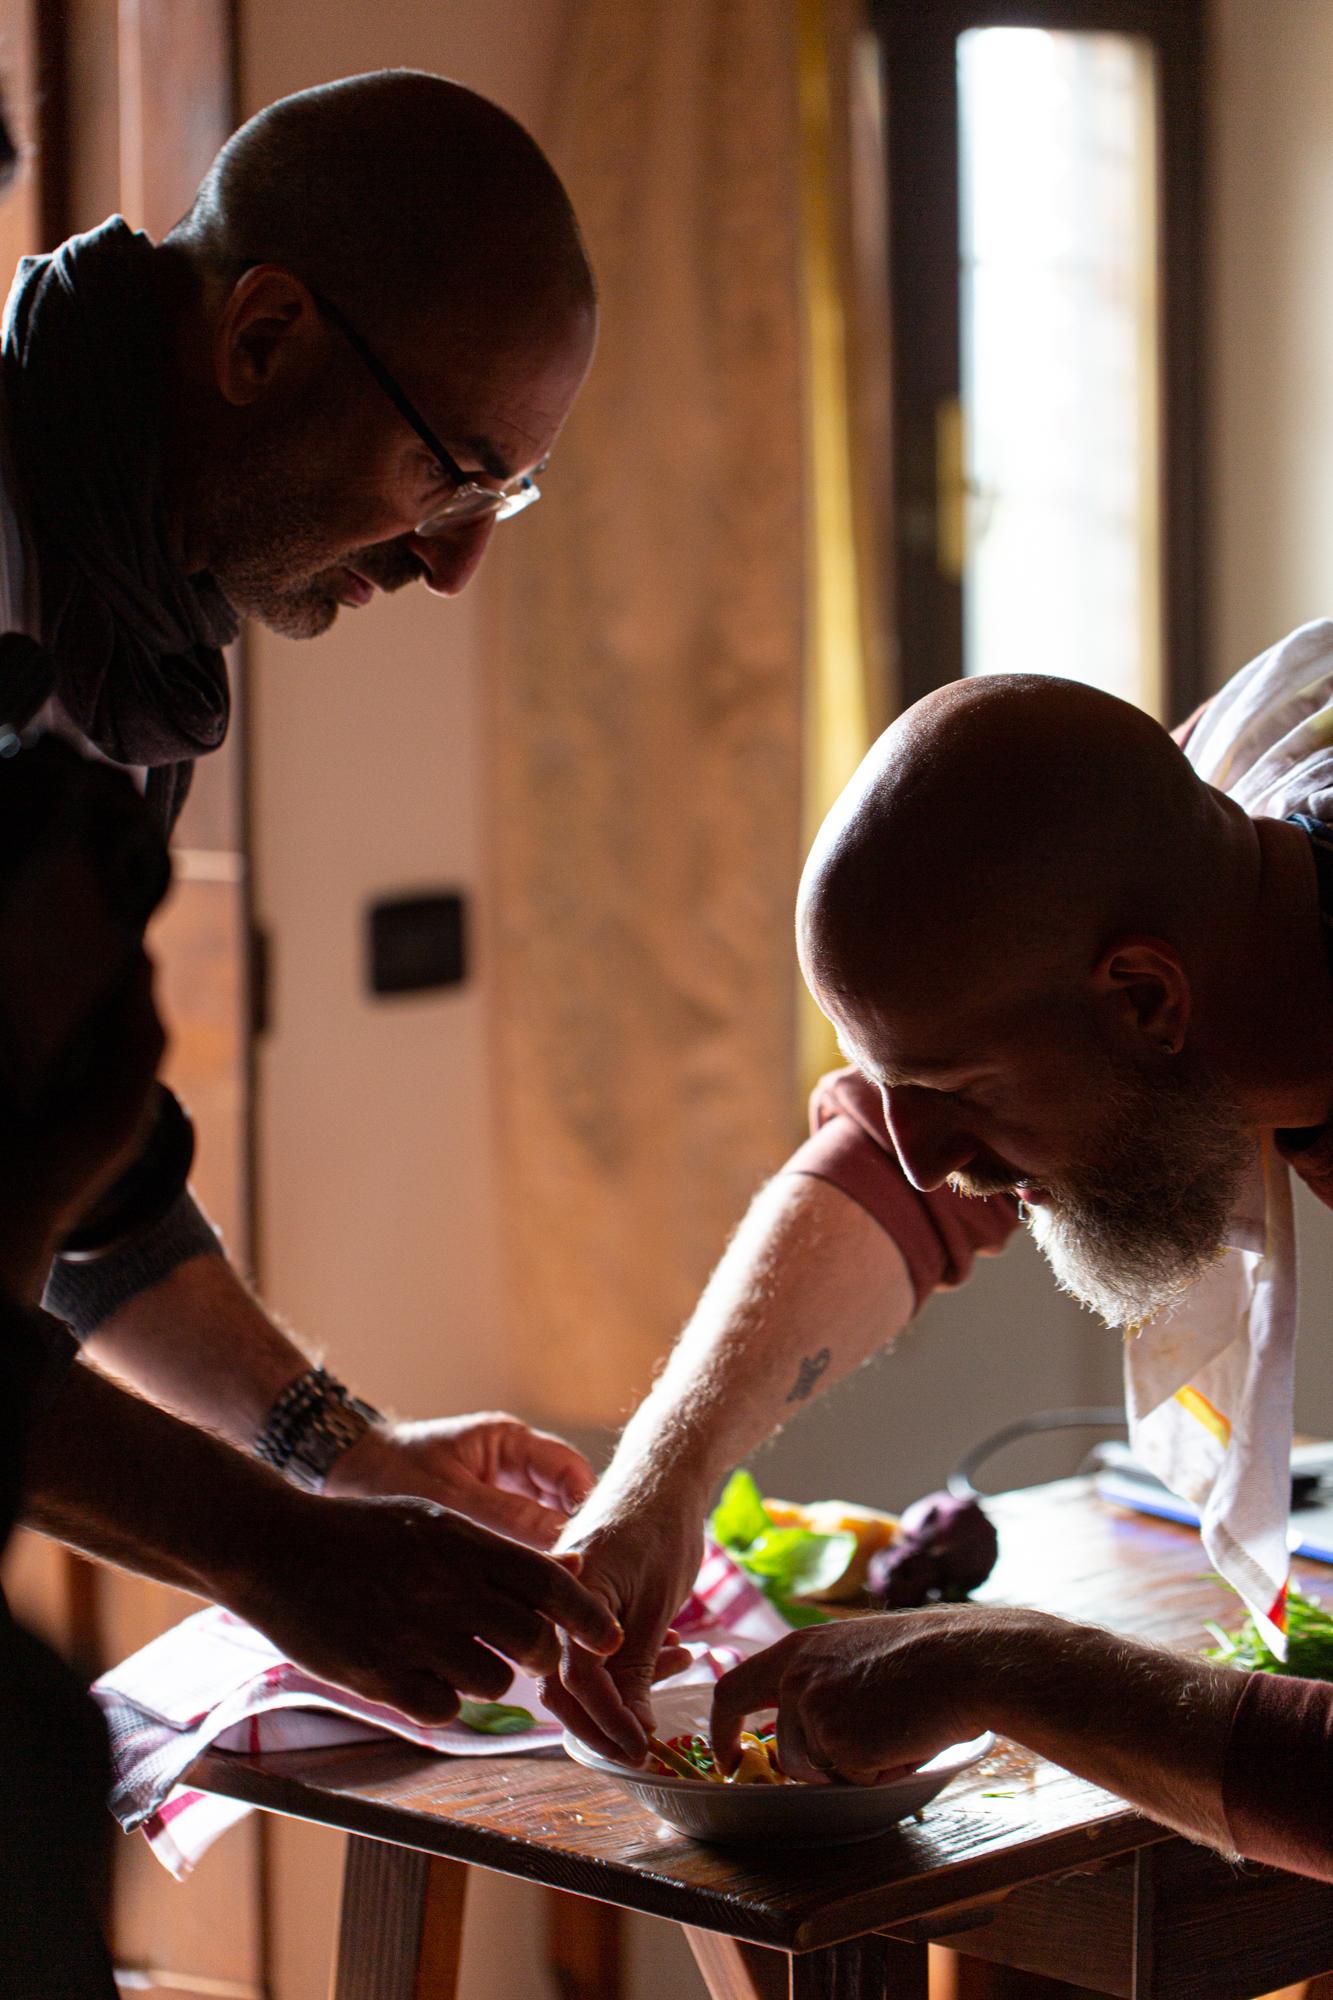 לומדים צילום מזון, קומפוזיציה, תאורה וסטיילינג. סיורי אוכל וצילום בטוסקנה. צילום: שלי אבידור